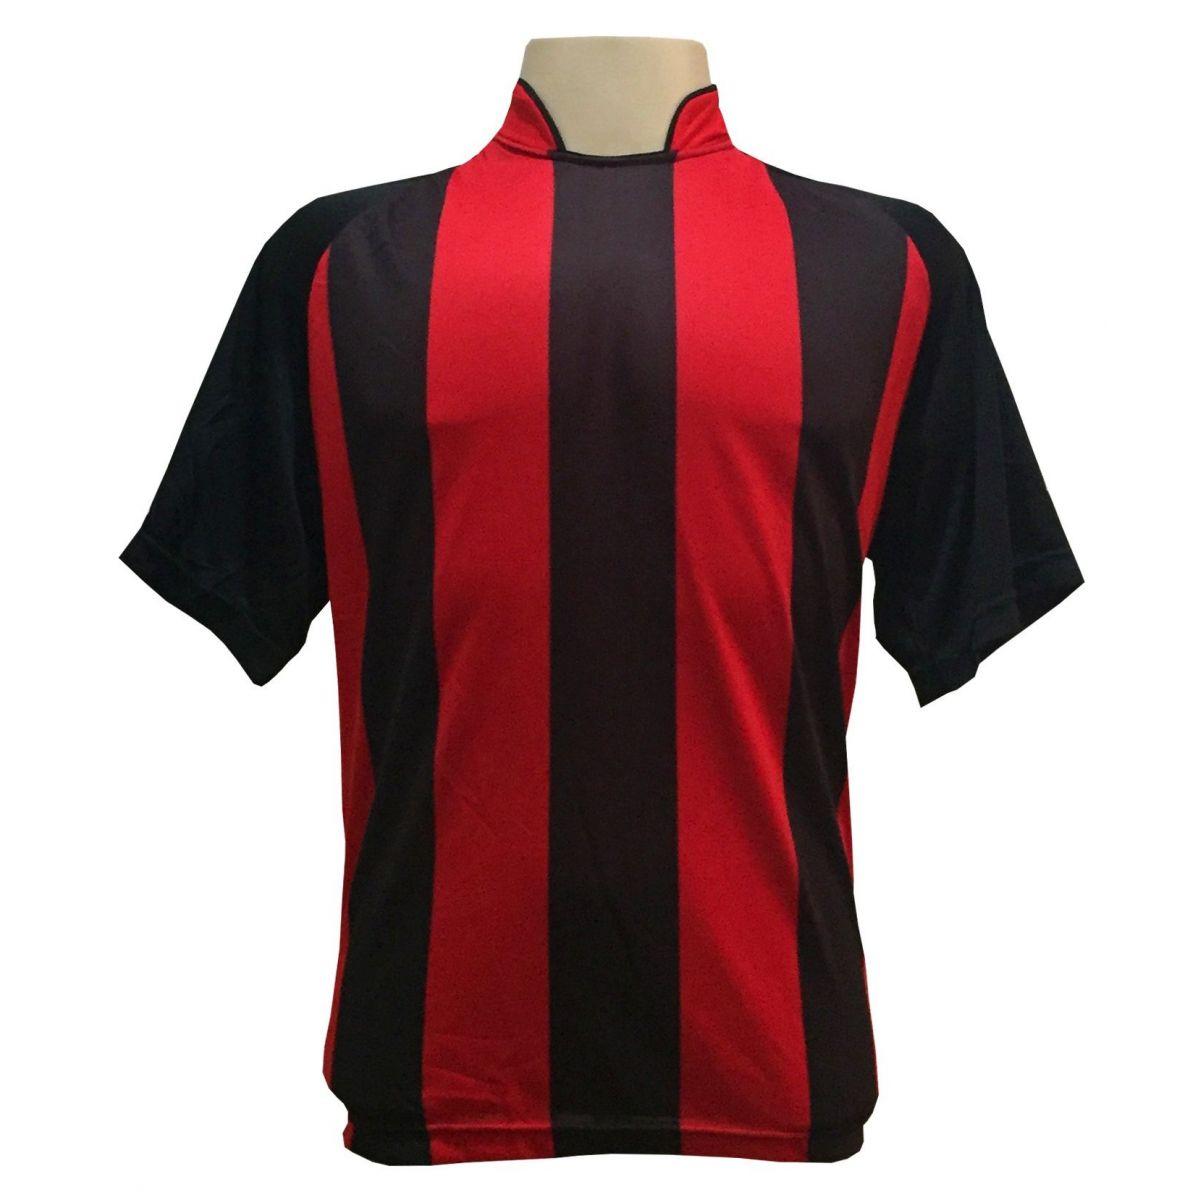 Fardamento Completo modelo Milan Preto/Vermelho 12+1 (12 camisas + 12 calções + 13 pares de meiões + 1 conjunto de goleiro) - Frete Grátis Brasil + Brindes